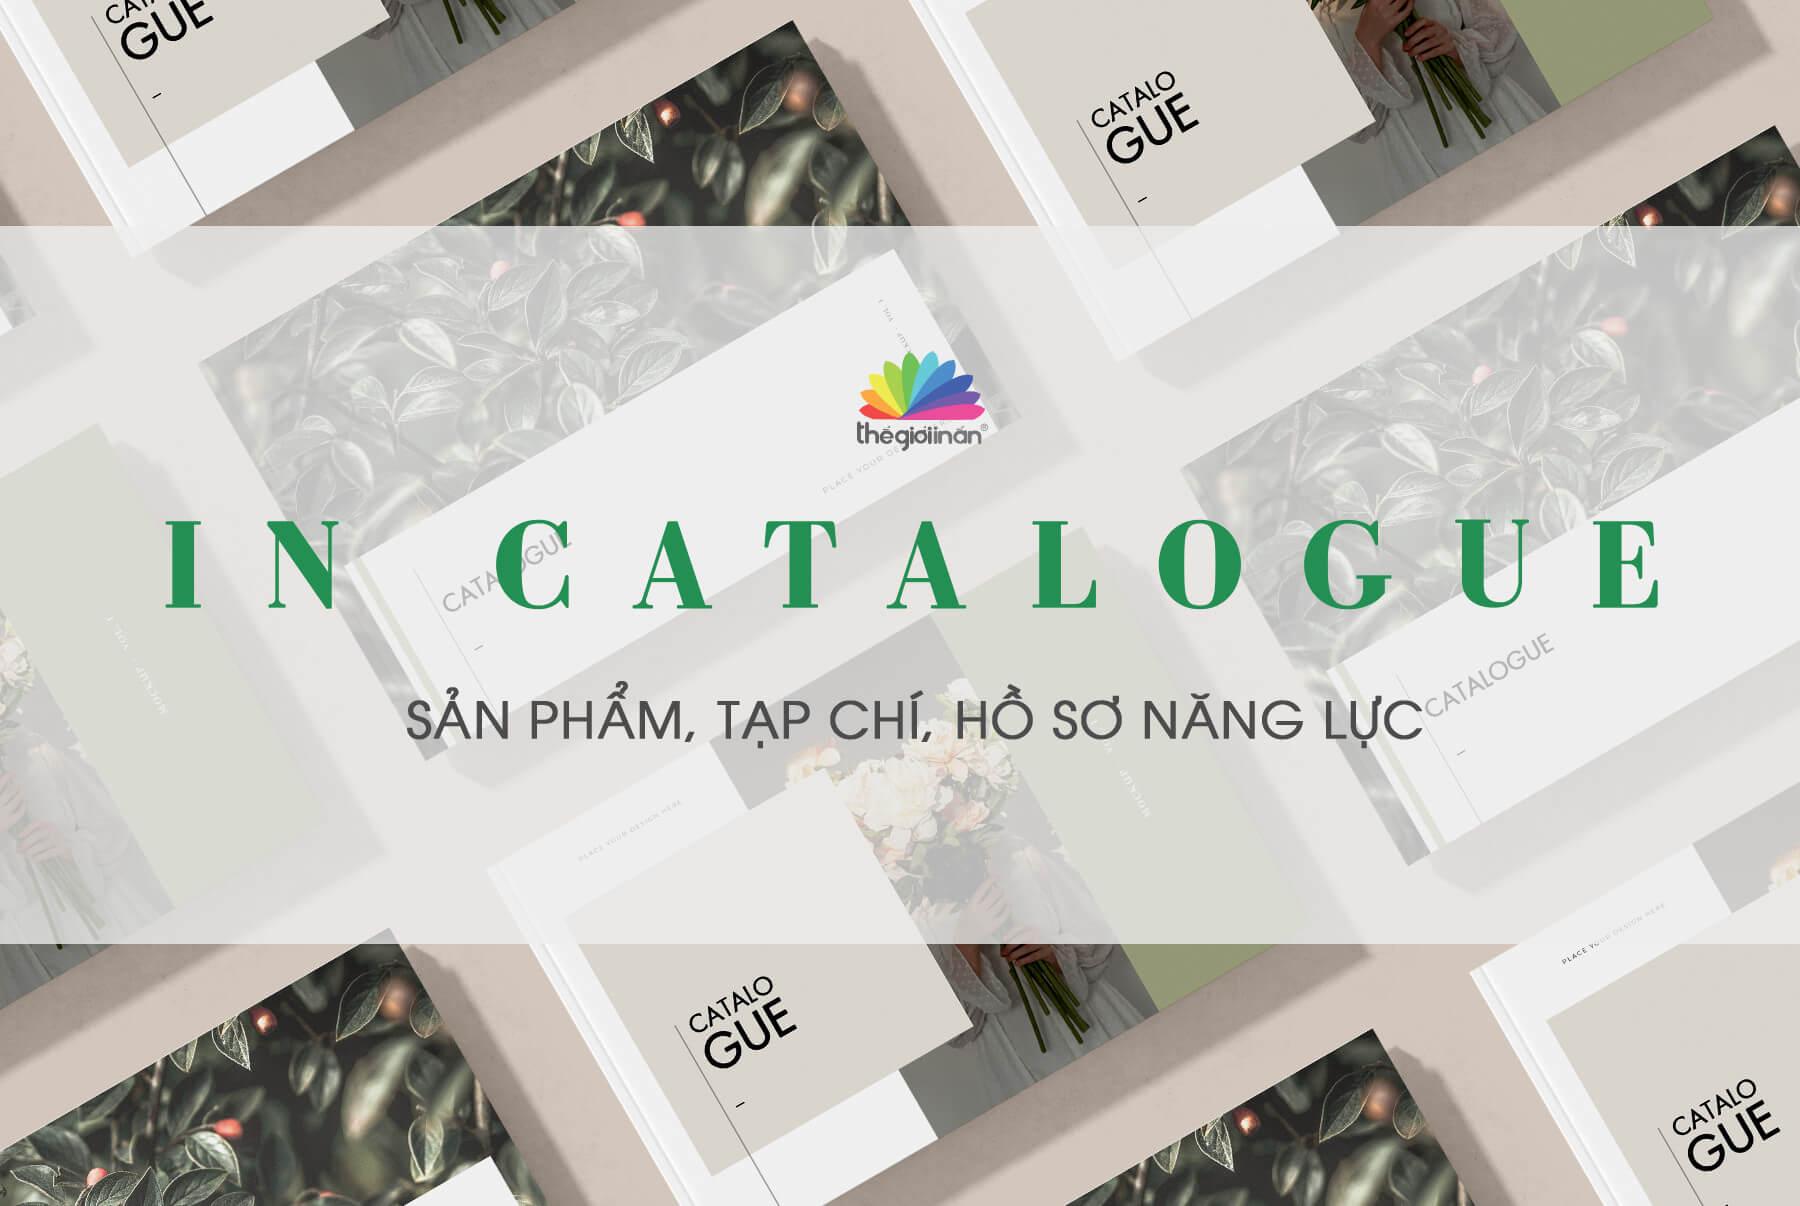 IN CATALOGUE - IN NHANH, CHẤT LƯỢNG VÀ UY TÍN